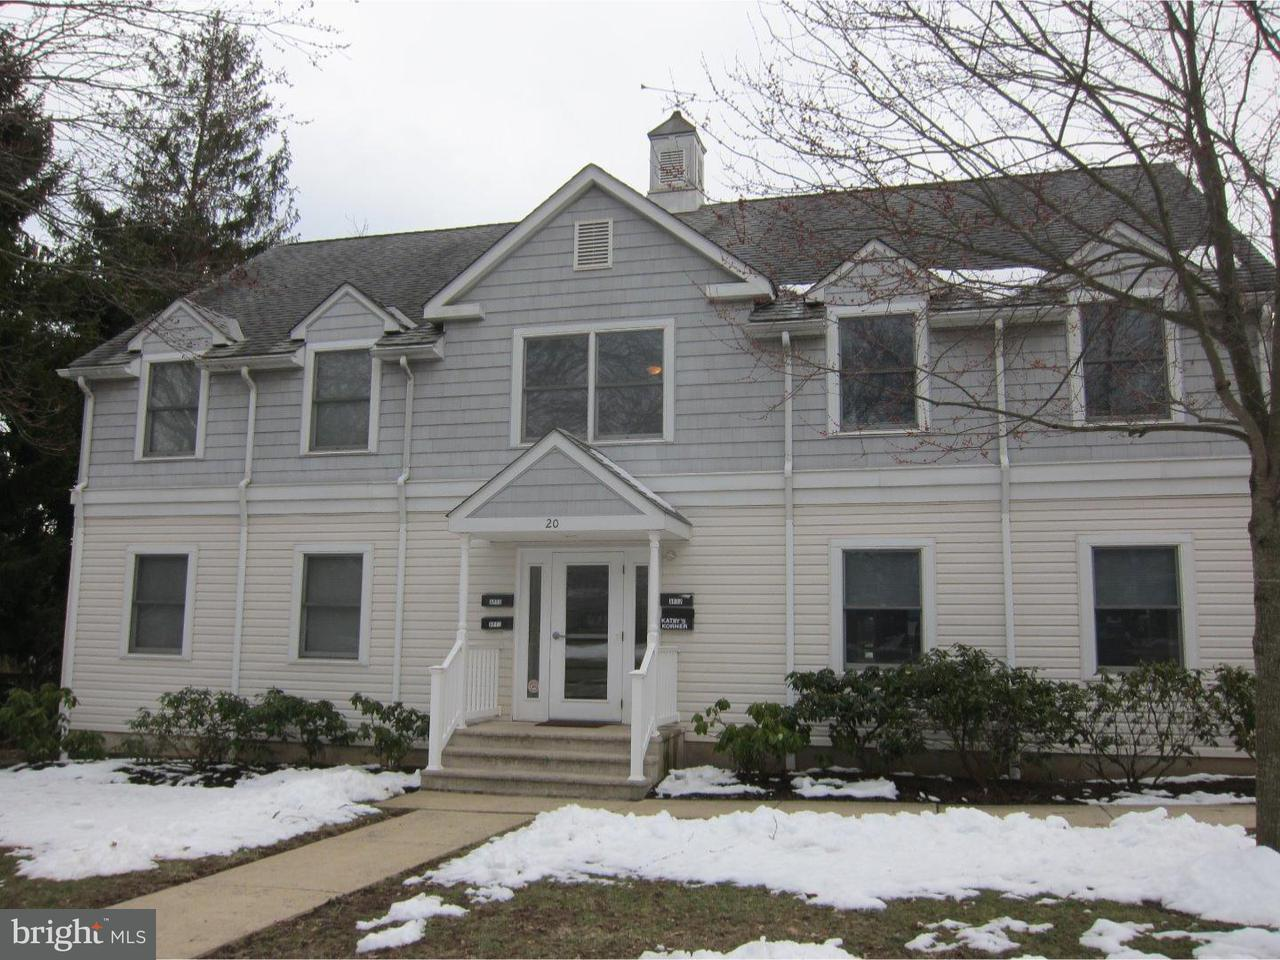 Maison unifamiliale pour l à louer à 20 W FRANKLIN Avenue Pennington, New Jersey 08534 États-UnisDans/Autour: Pennington Borough